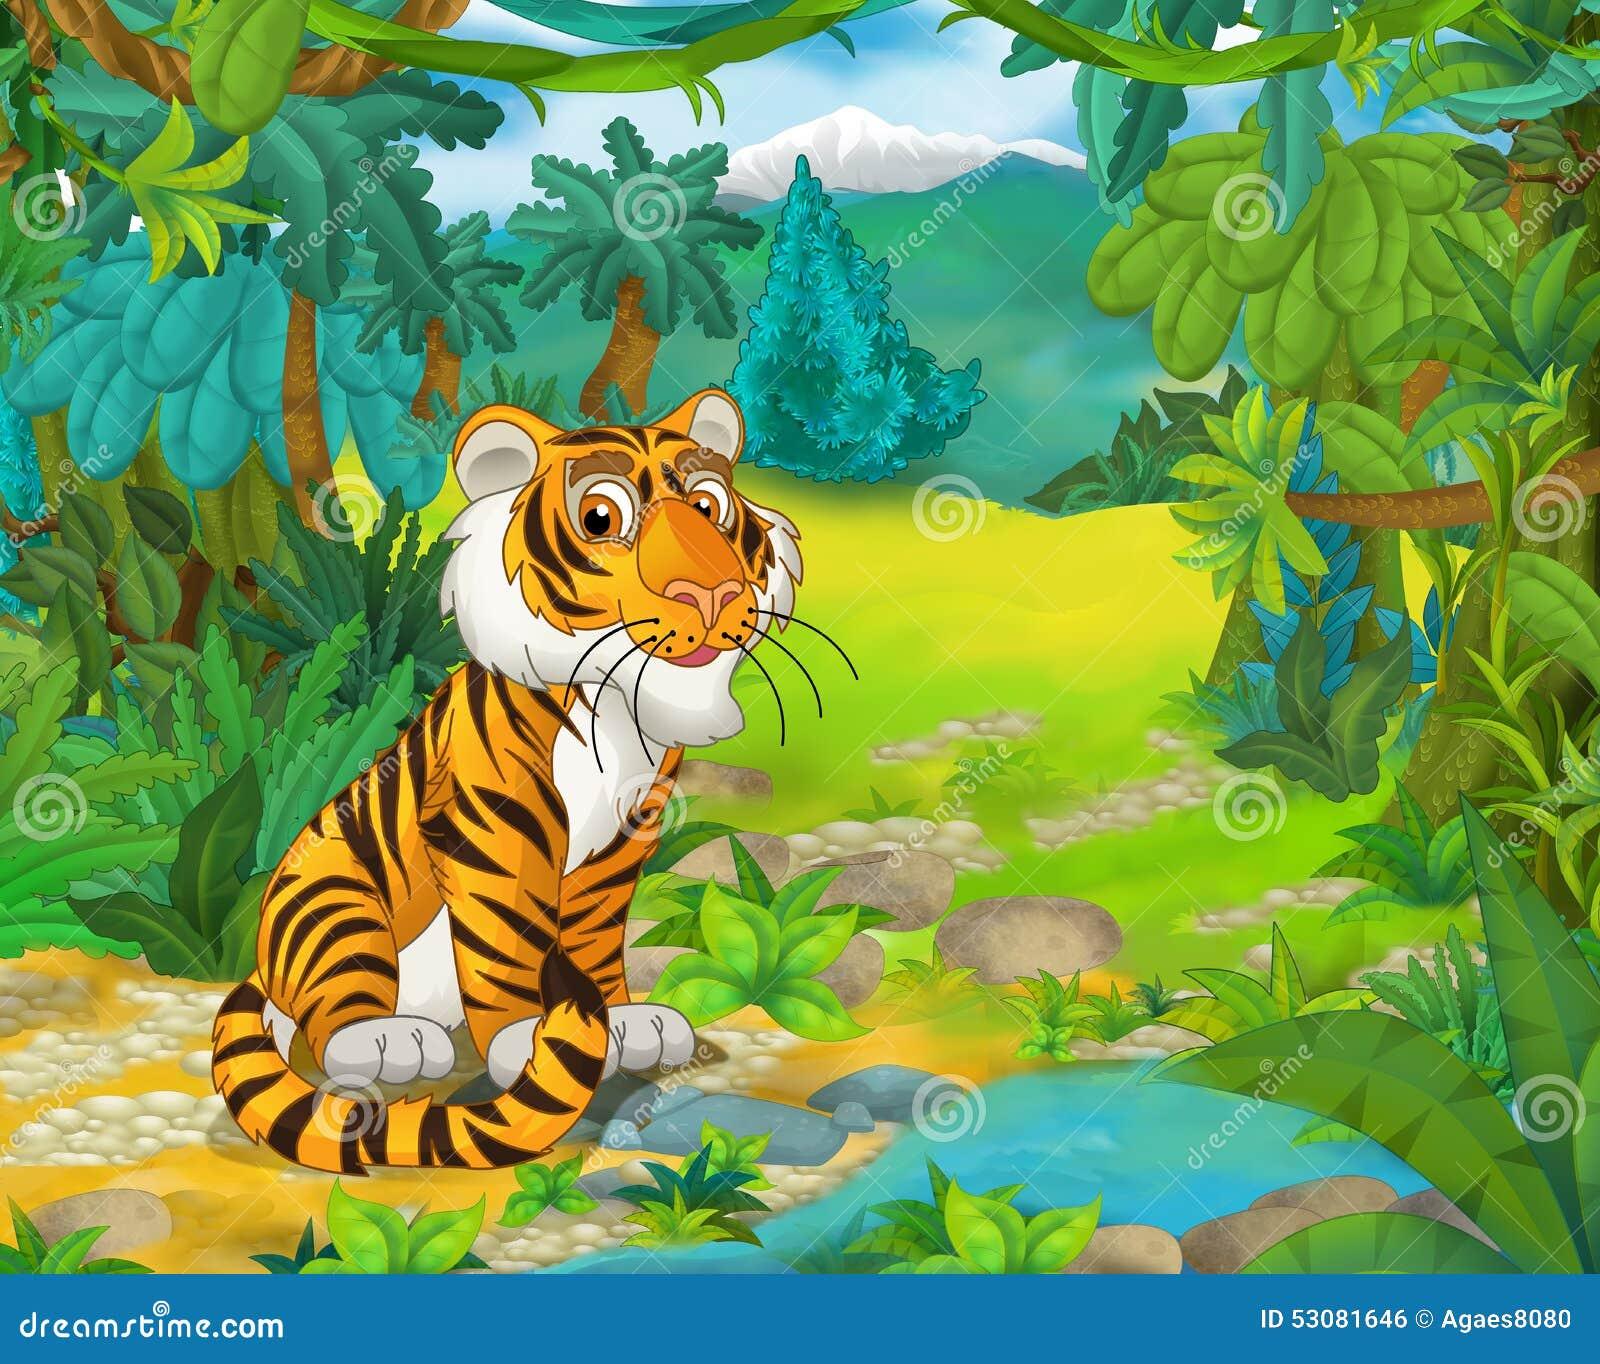 Cartoon animal scene - caricature - tiger